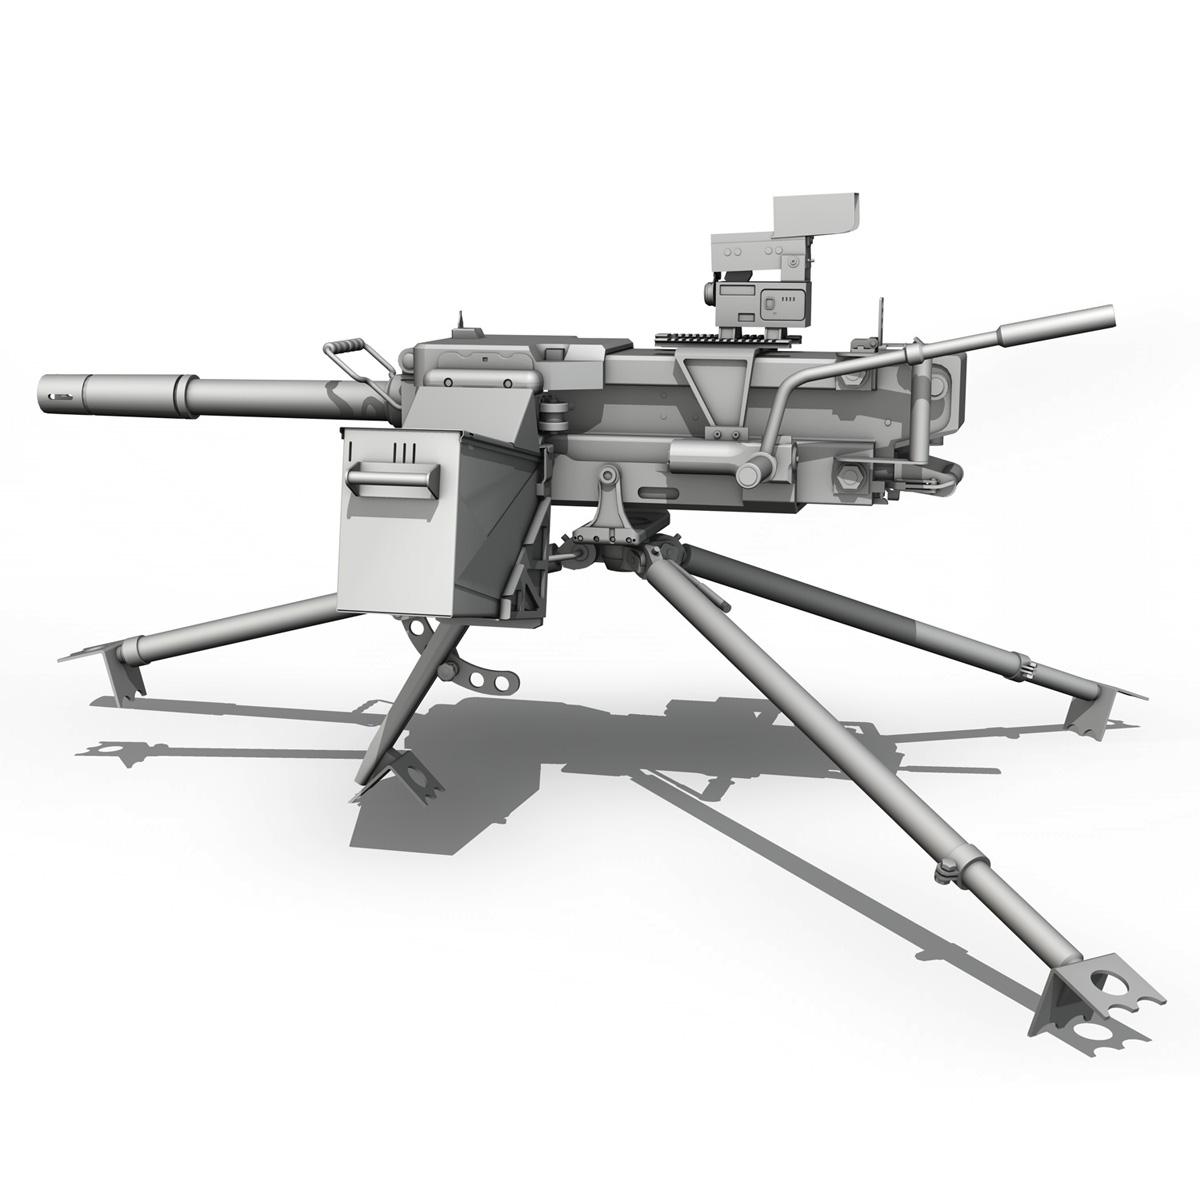 40mm Гранат машин буу gmg 3d загвар c4d lwo 3dm obj 264298